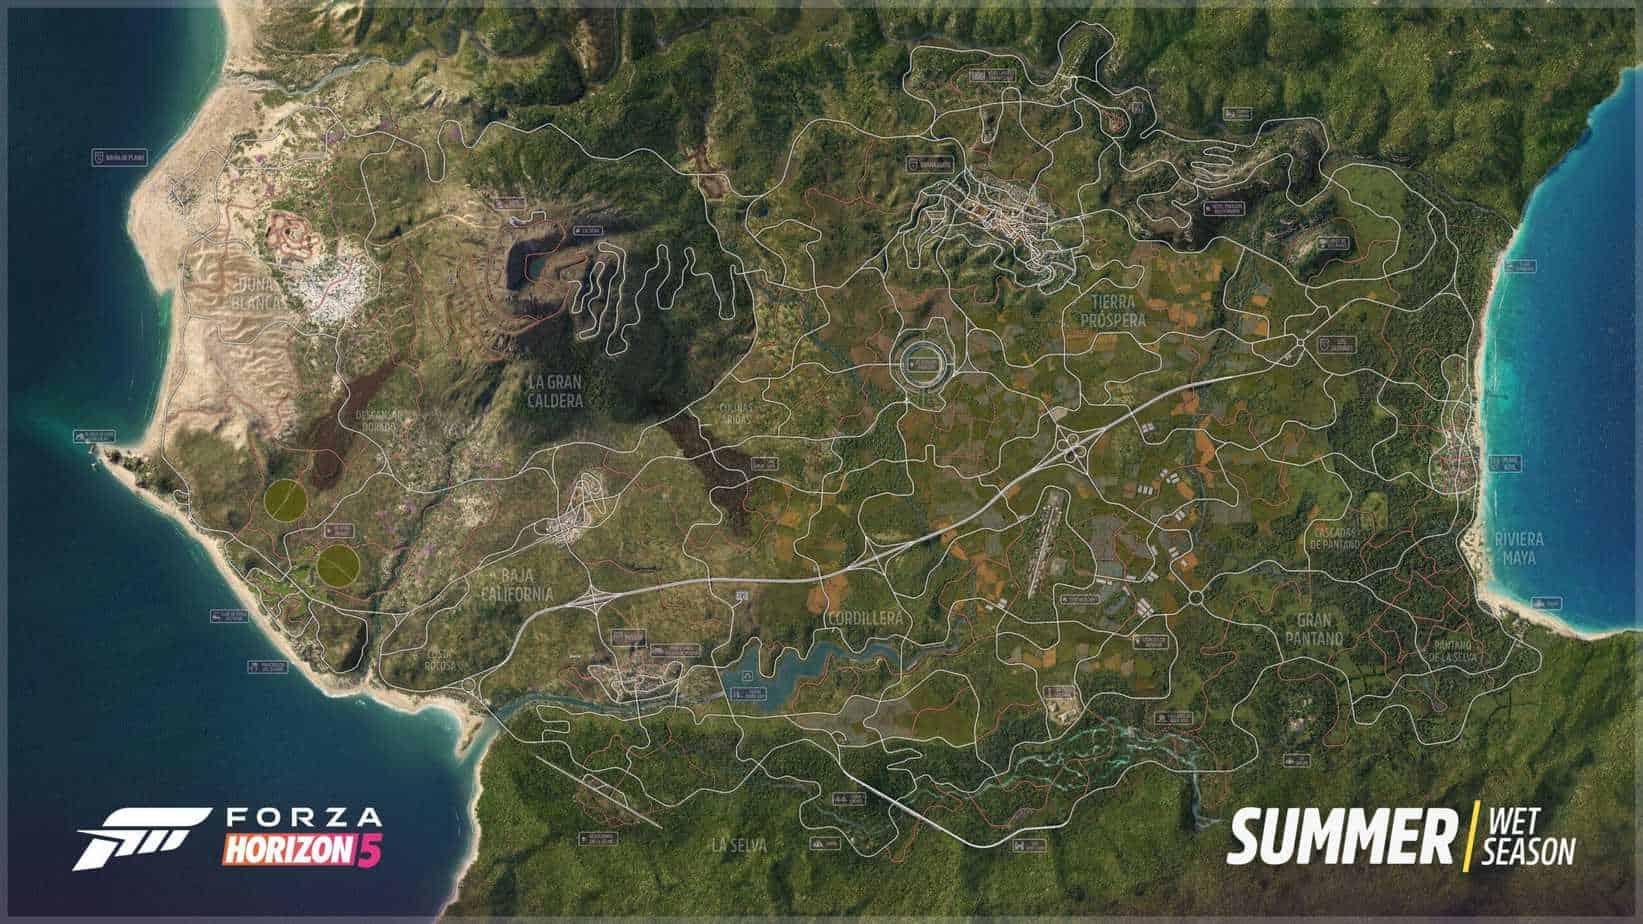 La nouvelle carte de Forza Horizon 5